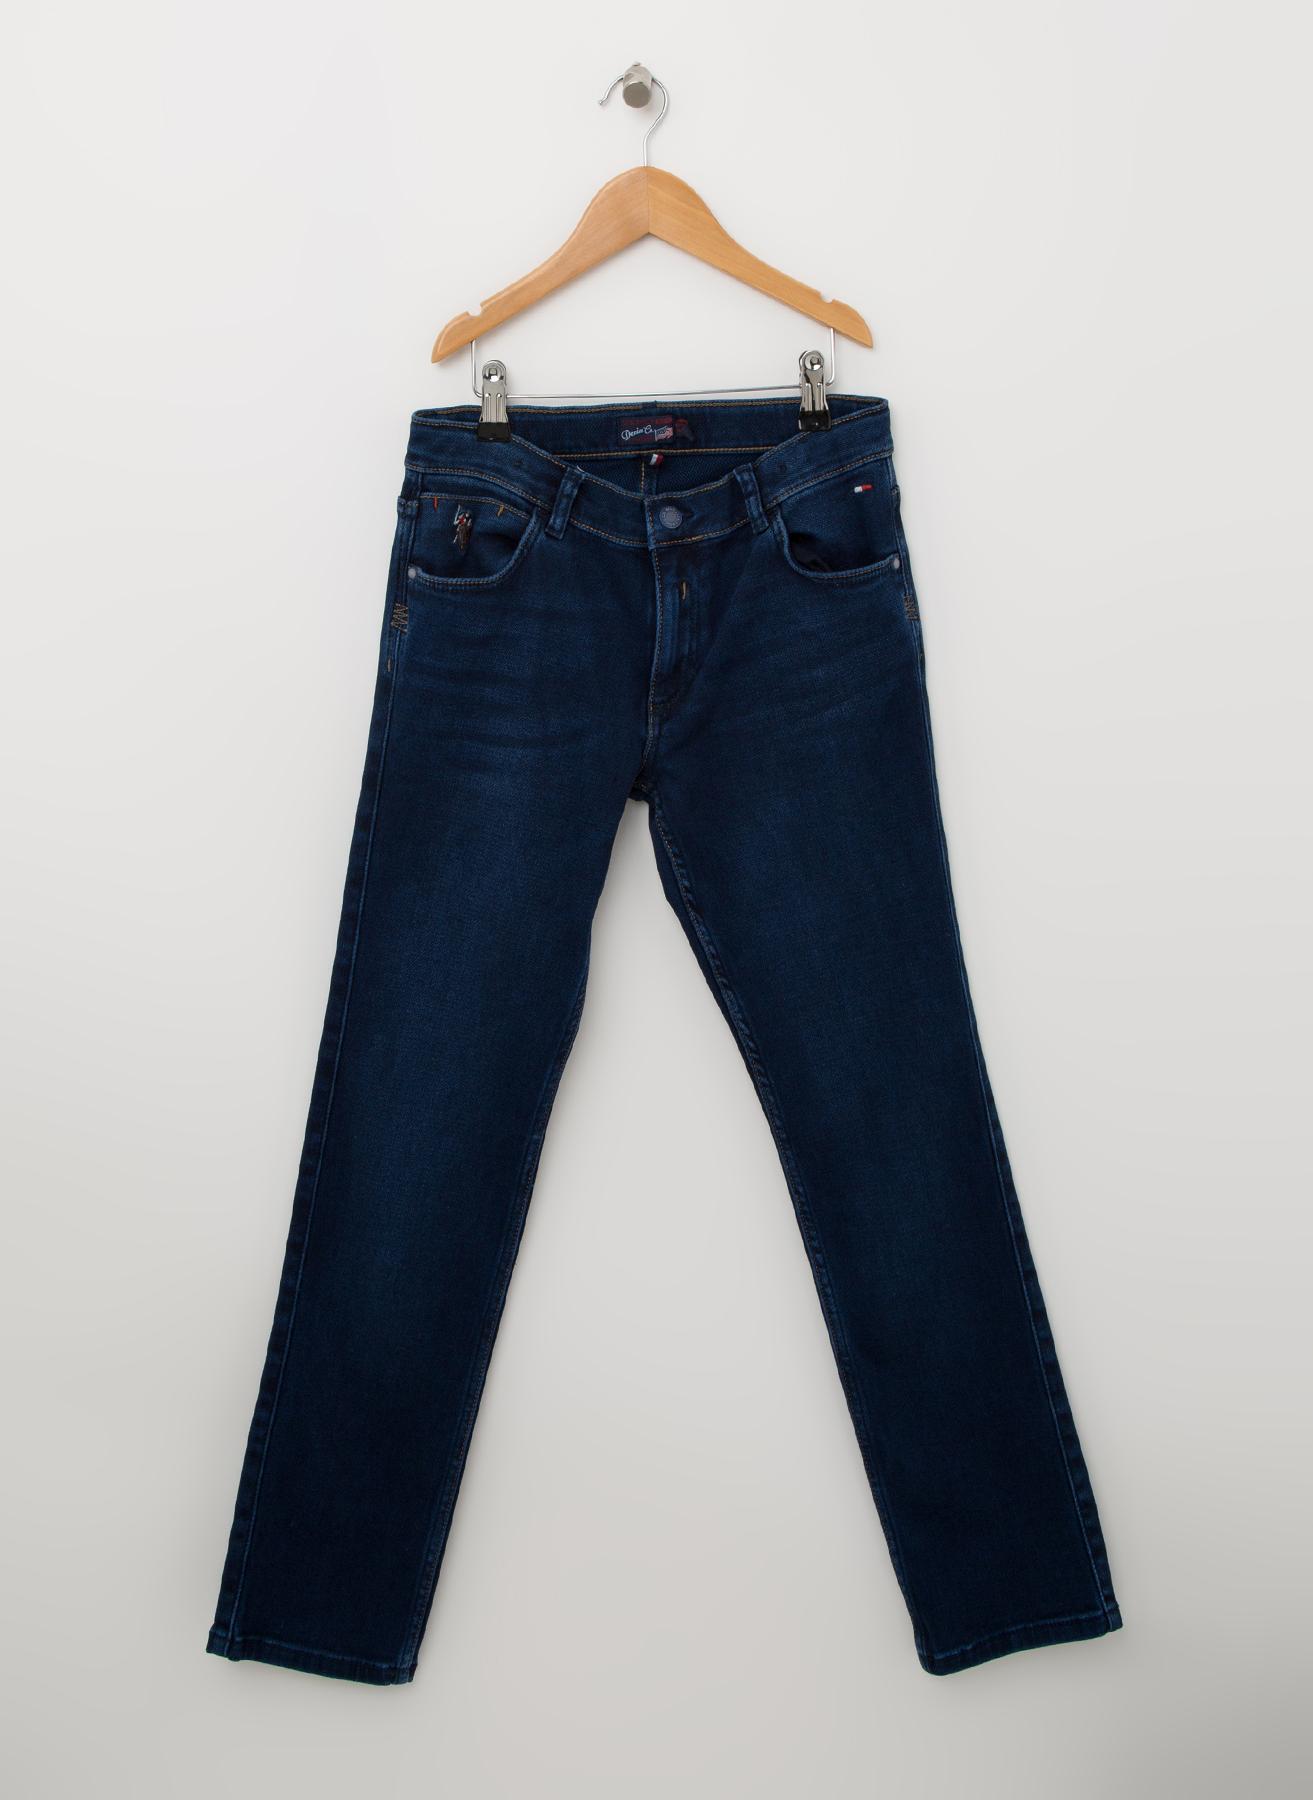 U.S. Polo Assn. Pantolon 7 Yaş 5001704507008 Ürün Resmi